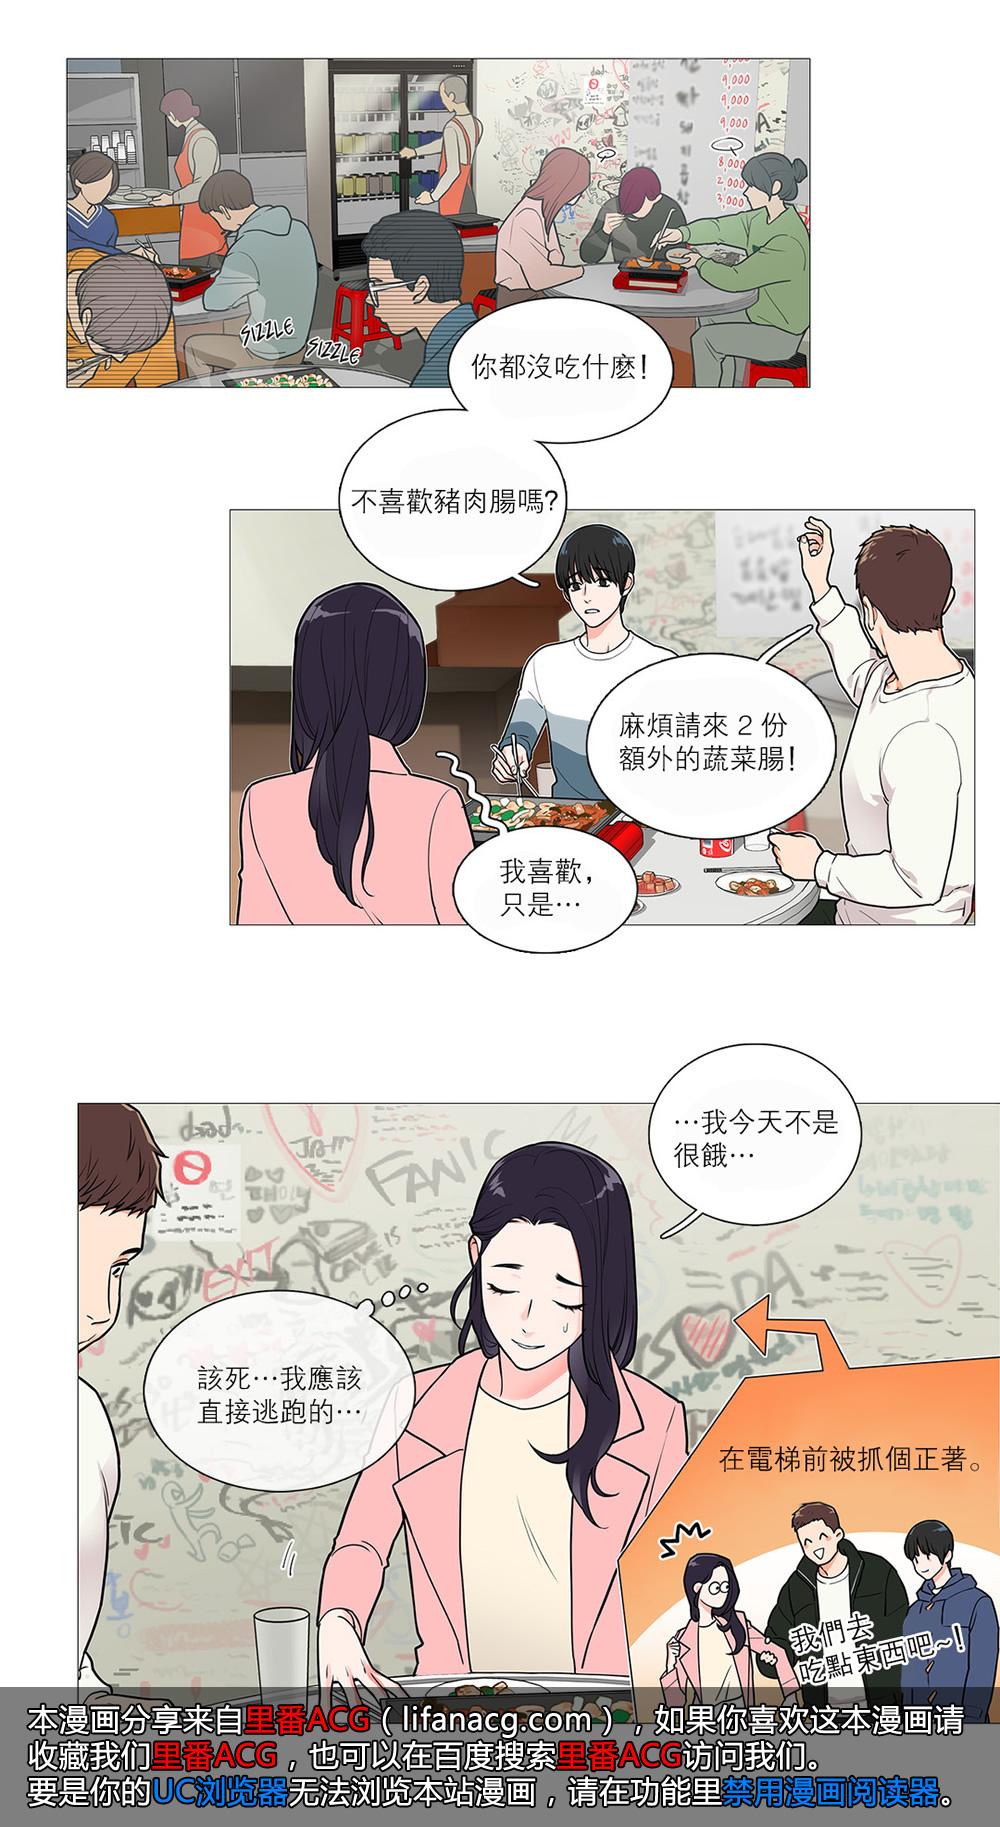 里番ACG - lfa.xieeyx.com